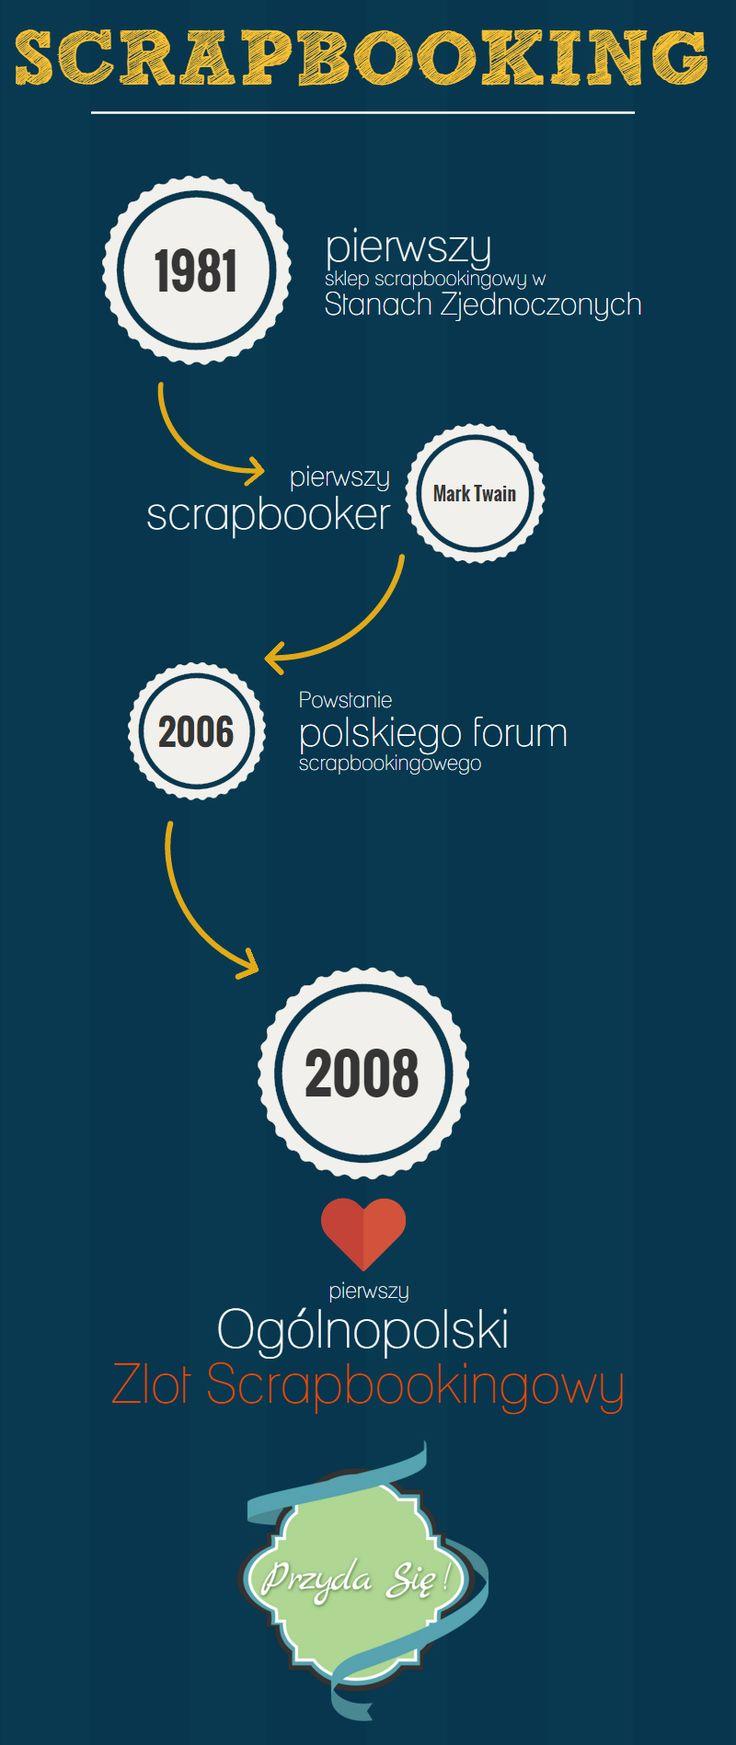 Scrapbooking - Krótka historia